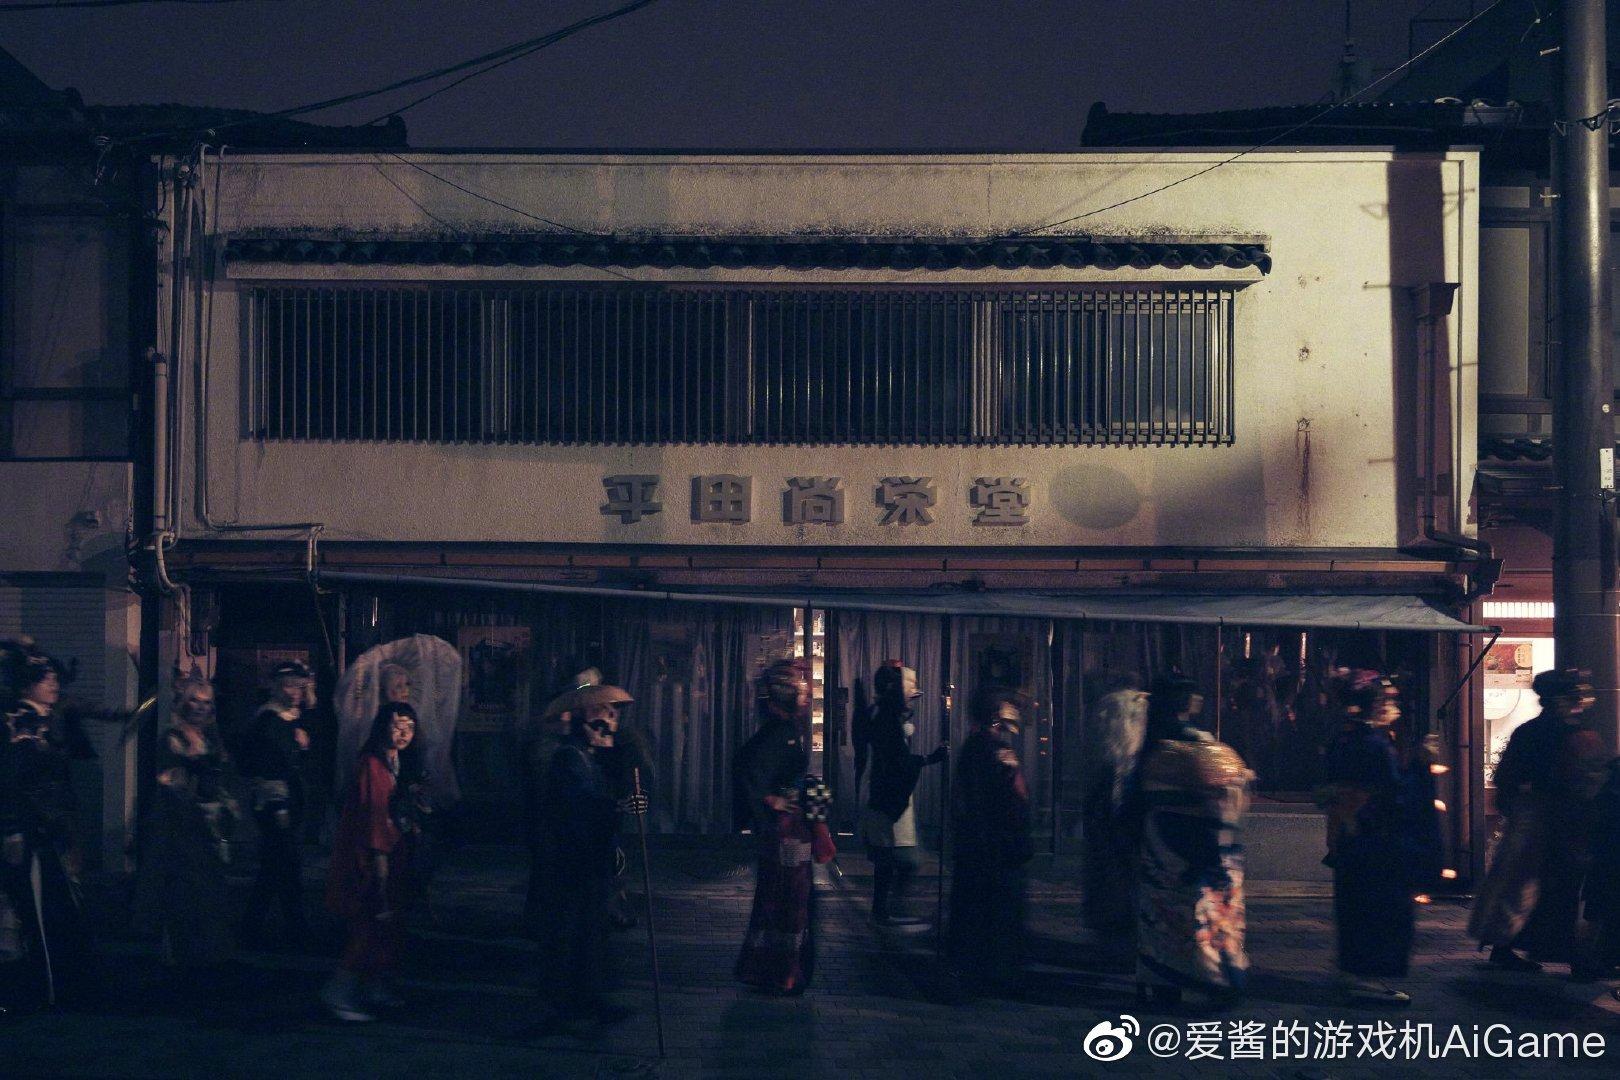 昨天京都大将军商店街举办了百鬼夜行活动,大家都好用心呢!